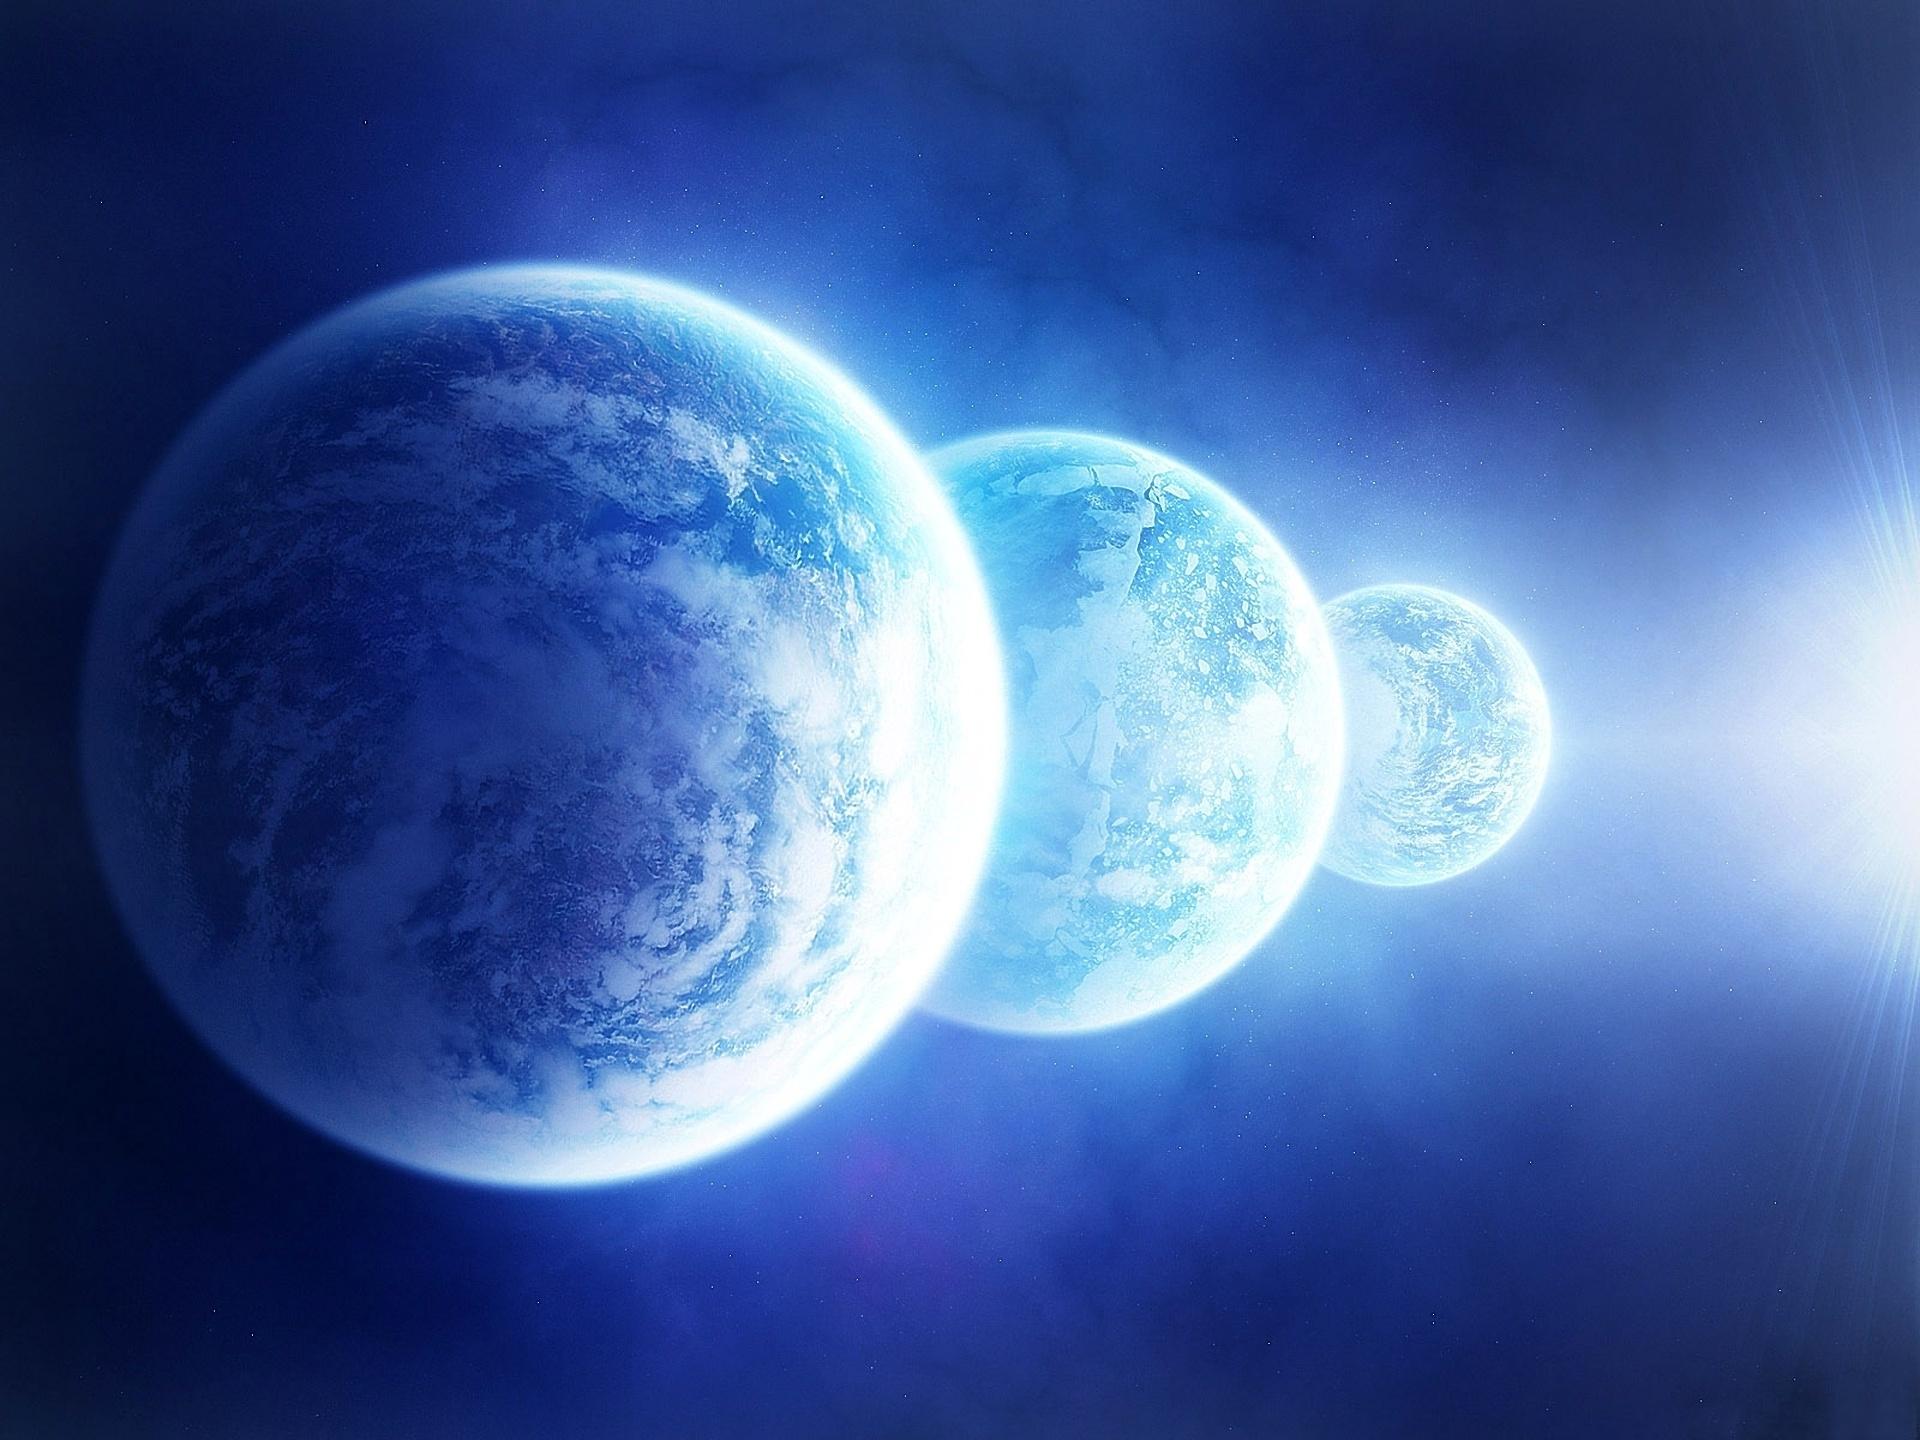 Обои Свечение за планетами картинки на рабочий стол на тему Космос - скачать  № 1772821 загрузить